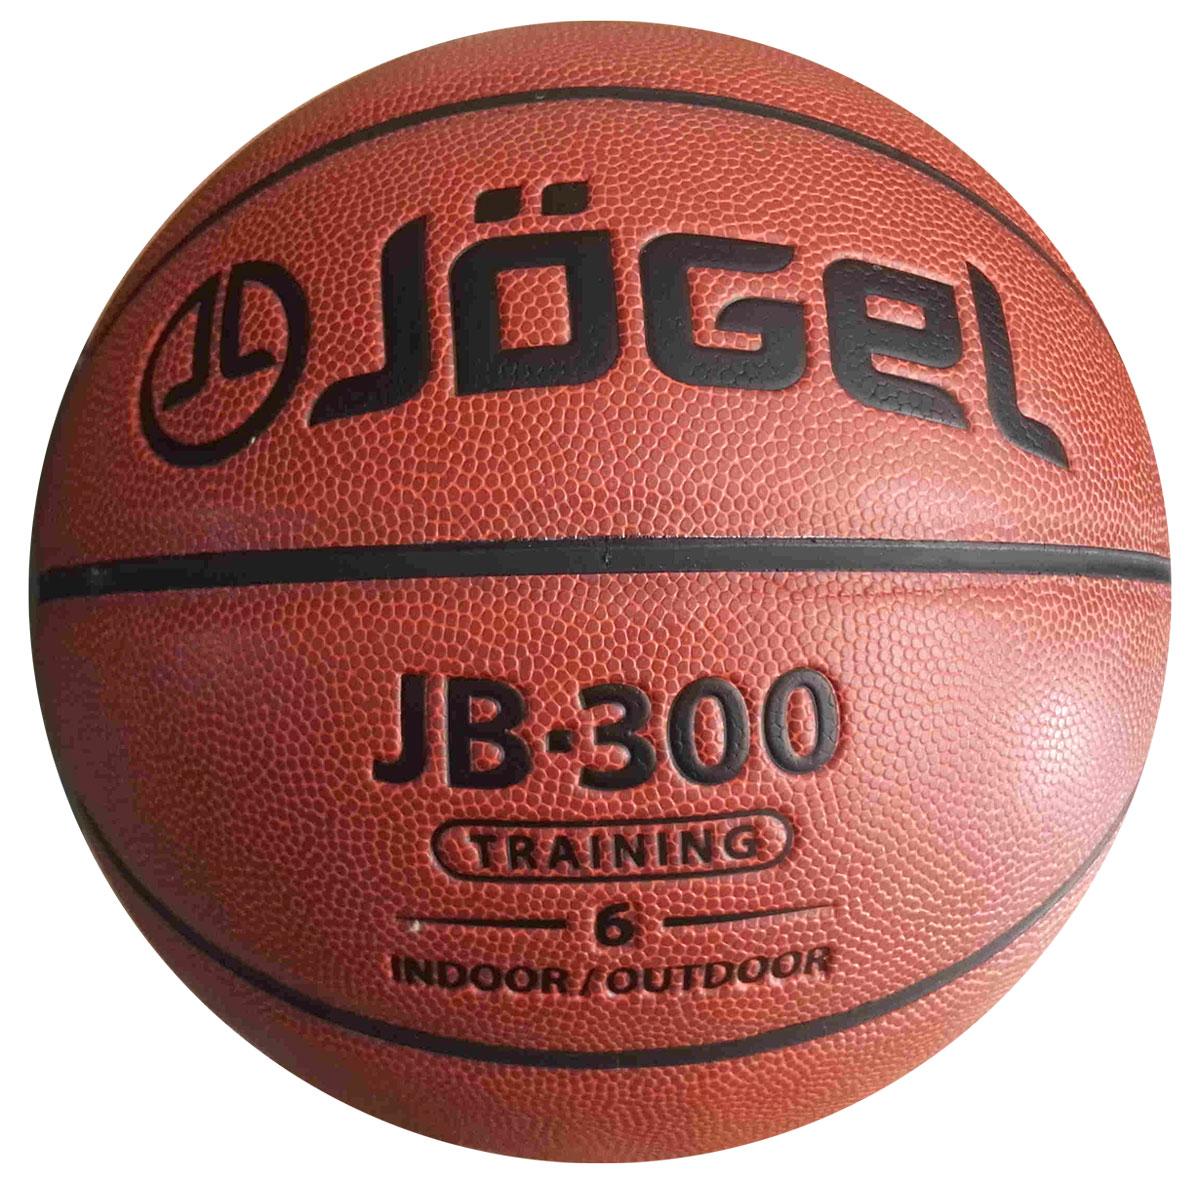 Мяч баскетбольный Jogel, цвет: коричневый. Размер 6. JB-300УТ-00009326Название: Мяч баскетбольный Jgel JB-300 №6 Уровень: Тренировочный мяч Серия: TRAINING Категория: INDOOR/OUTDOOR Описание: Jogel JB-300 №6 это прекрасный баскетбольный мяч из серии TRAINING. Доступная цена и специальный материал, позволяющий играть данным мячом практически на любой поверхности, выгодно отличают его от аналогичных мячей других марок. Поверхность мяча выполнена из композитного материала, благодаря чему данным мячом можно играть как на улице, так и в зале. Благодаря технологии DeepChannel (глубокие каналы), используемой при производстве мячей Jogel, достигается лучший контроля мяча во время броска и дриблинга. Размер №6 предназначается для женщин и юношей от 12 до 16 лет. Данный мяч рекомендован для любительской игры, тренировок и соревнований любительских команд и команд среднего уровня. Данный мяч прекрасно подходит для поставок на гос. тендеры, образовательные учреждения и спортивные секции. Официальный размер и вес FIBA. Рекомендованные покрытия: Паркет, резина,...